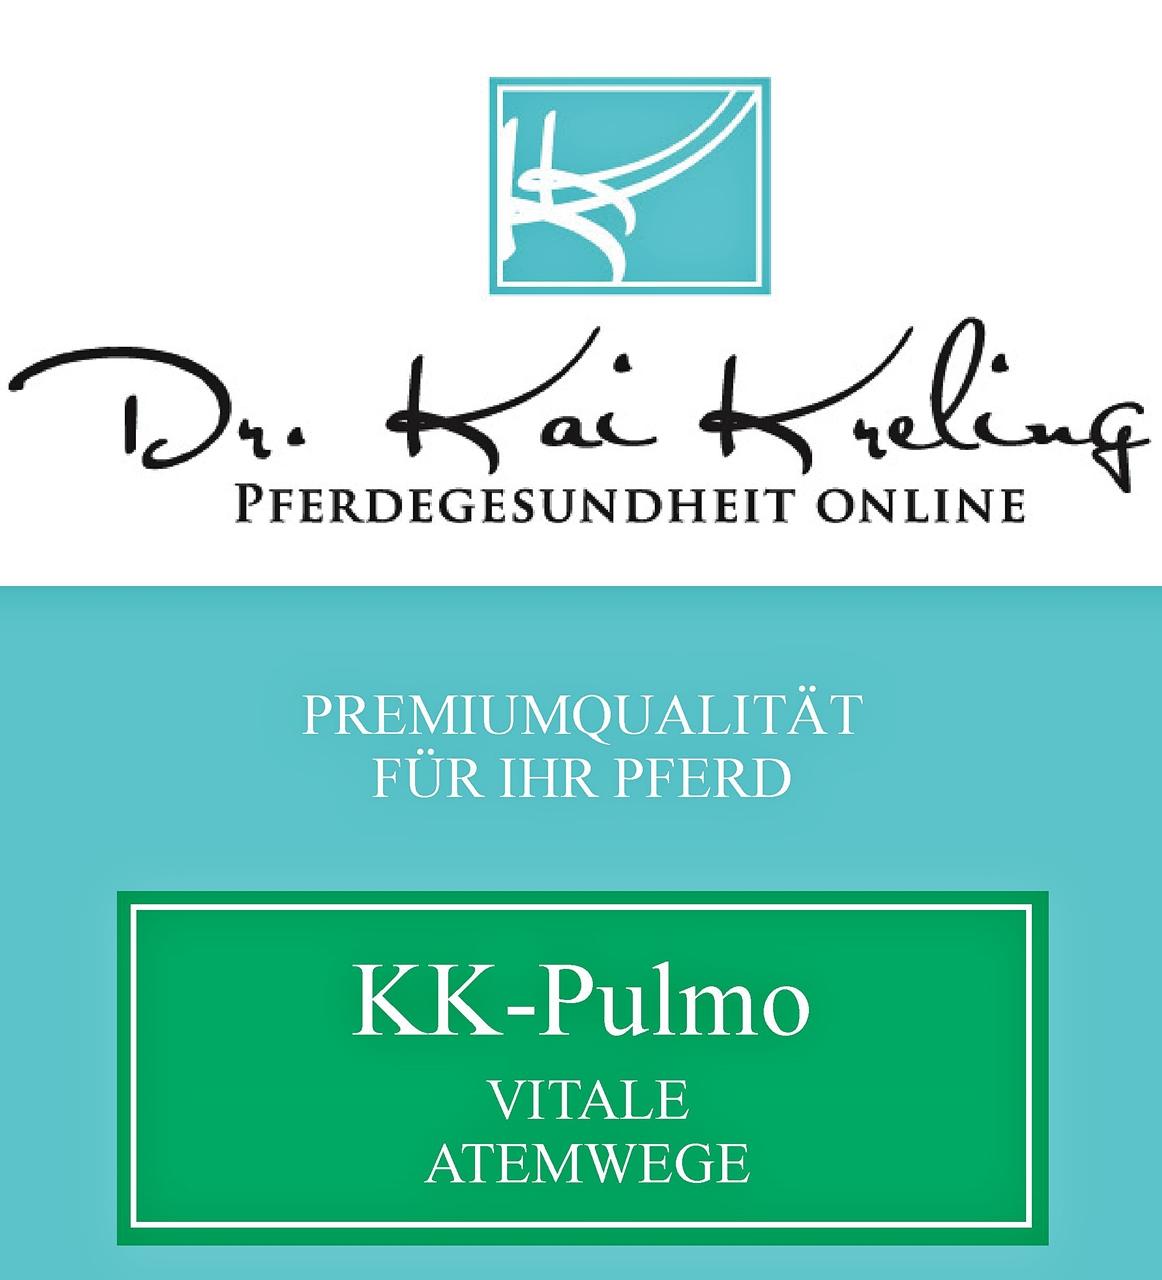 KK-Pulmo 1162×1280